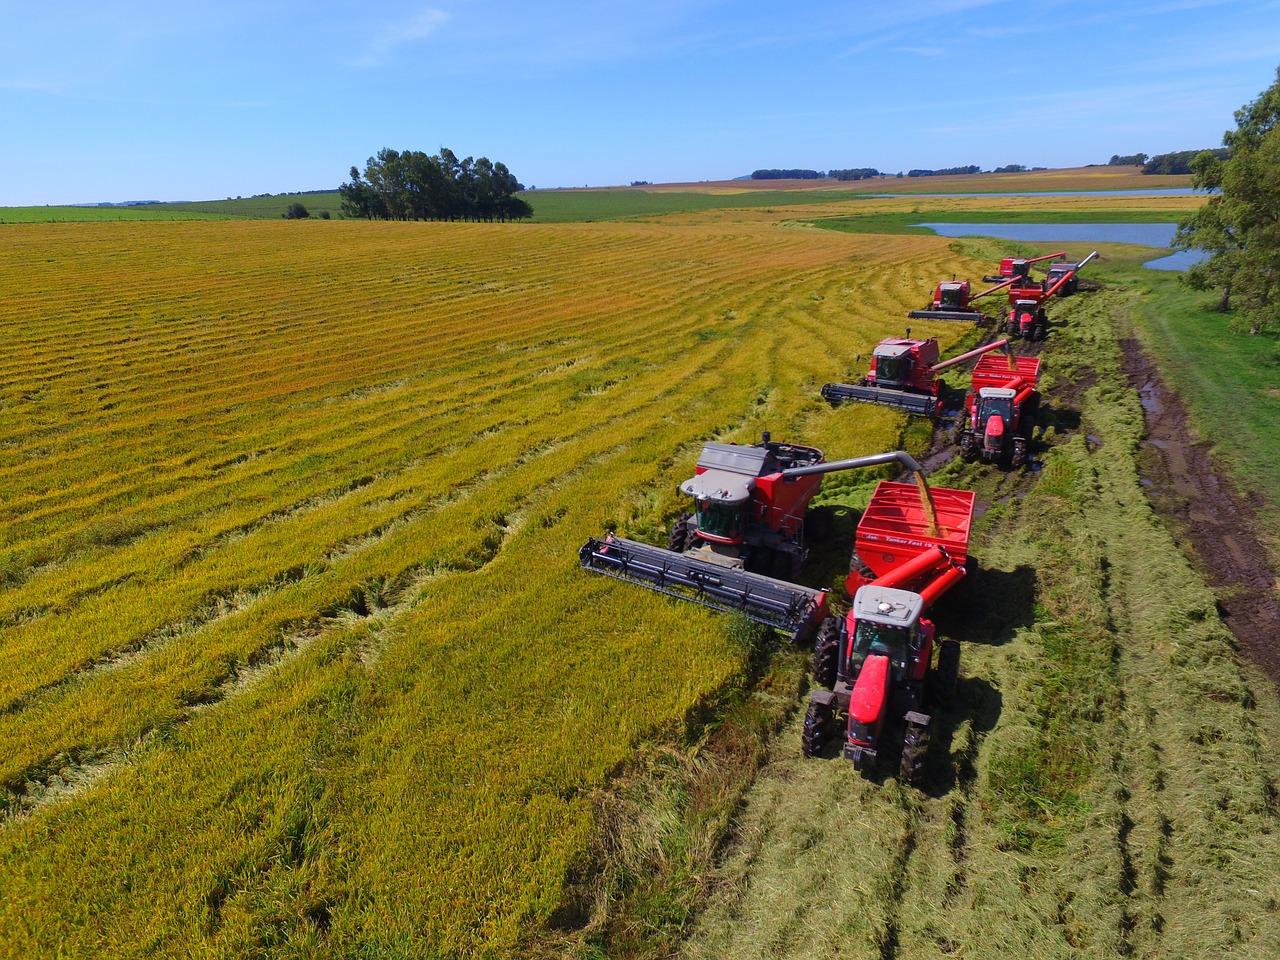 massey-traktoren-ferguson-ackerbau-lamma